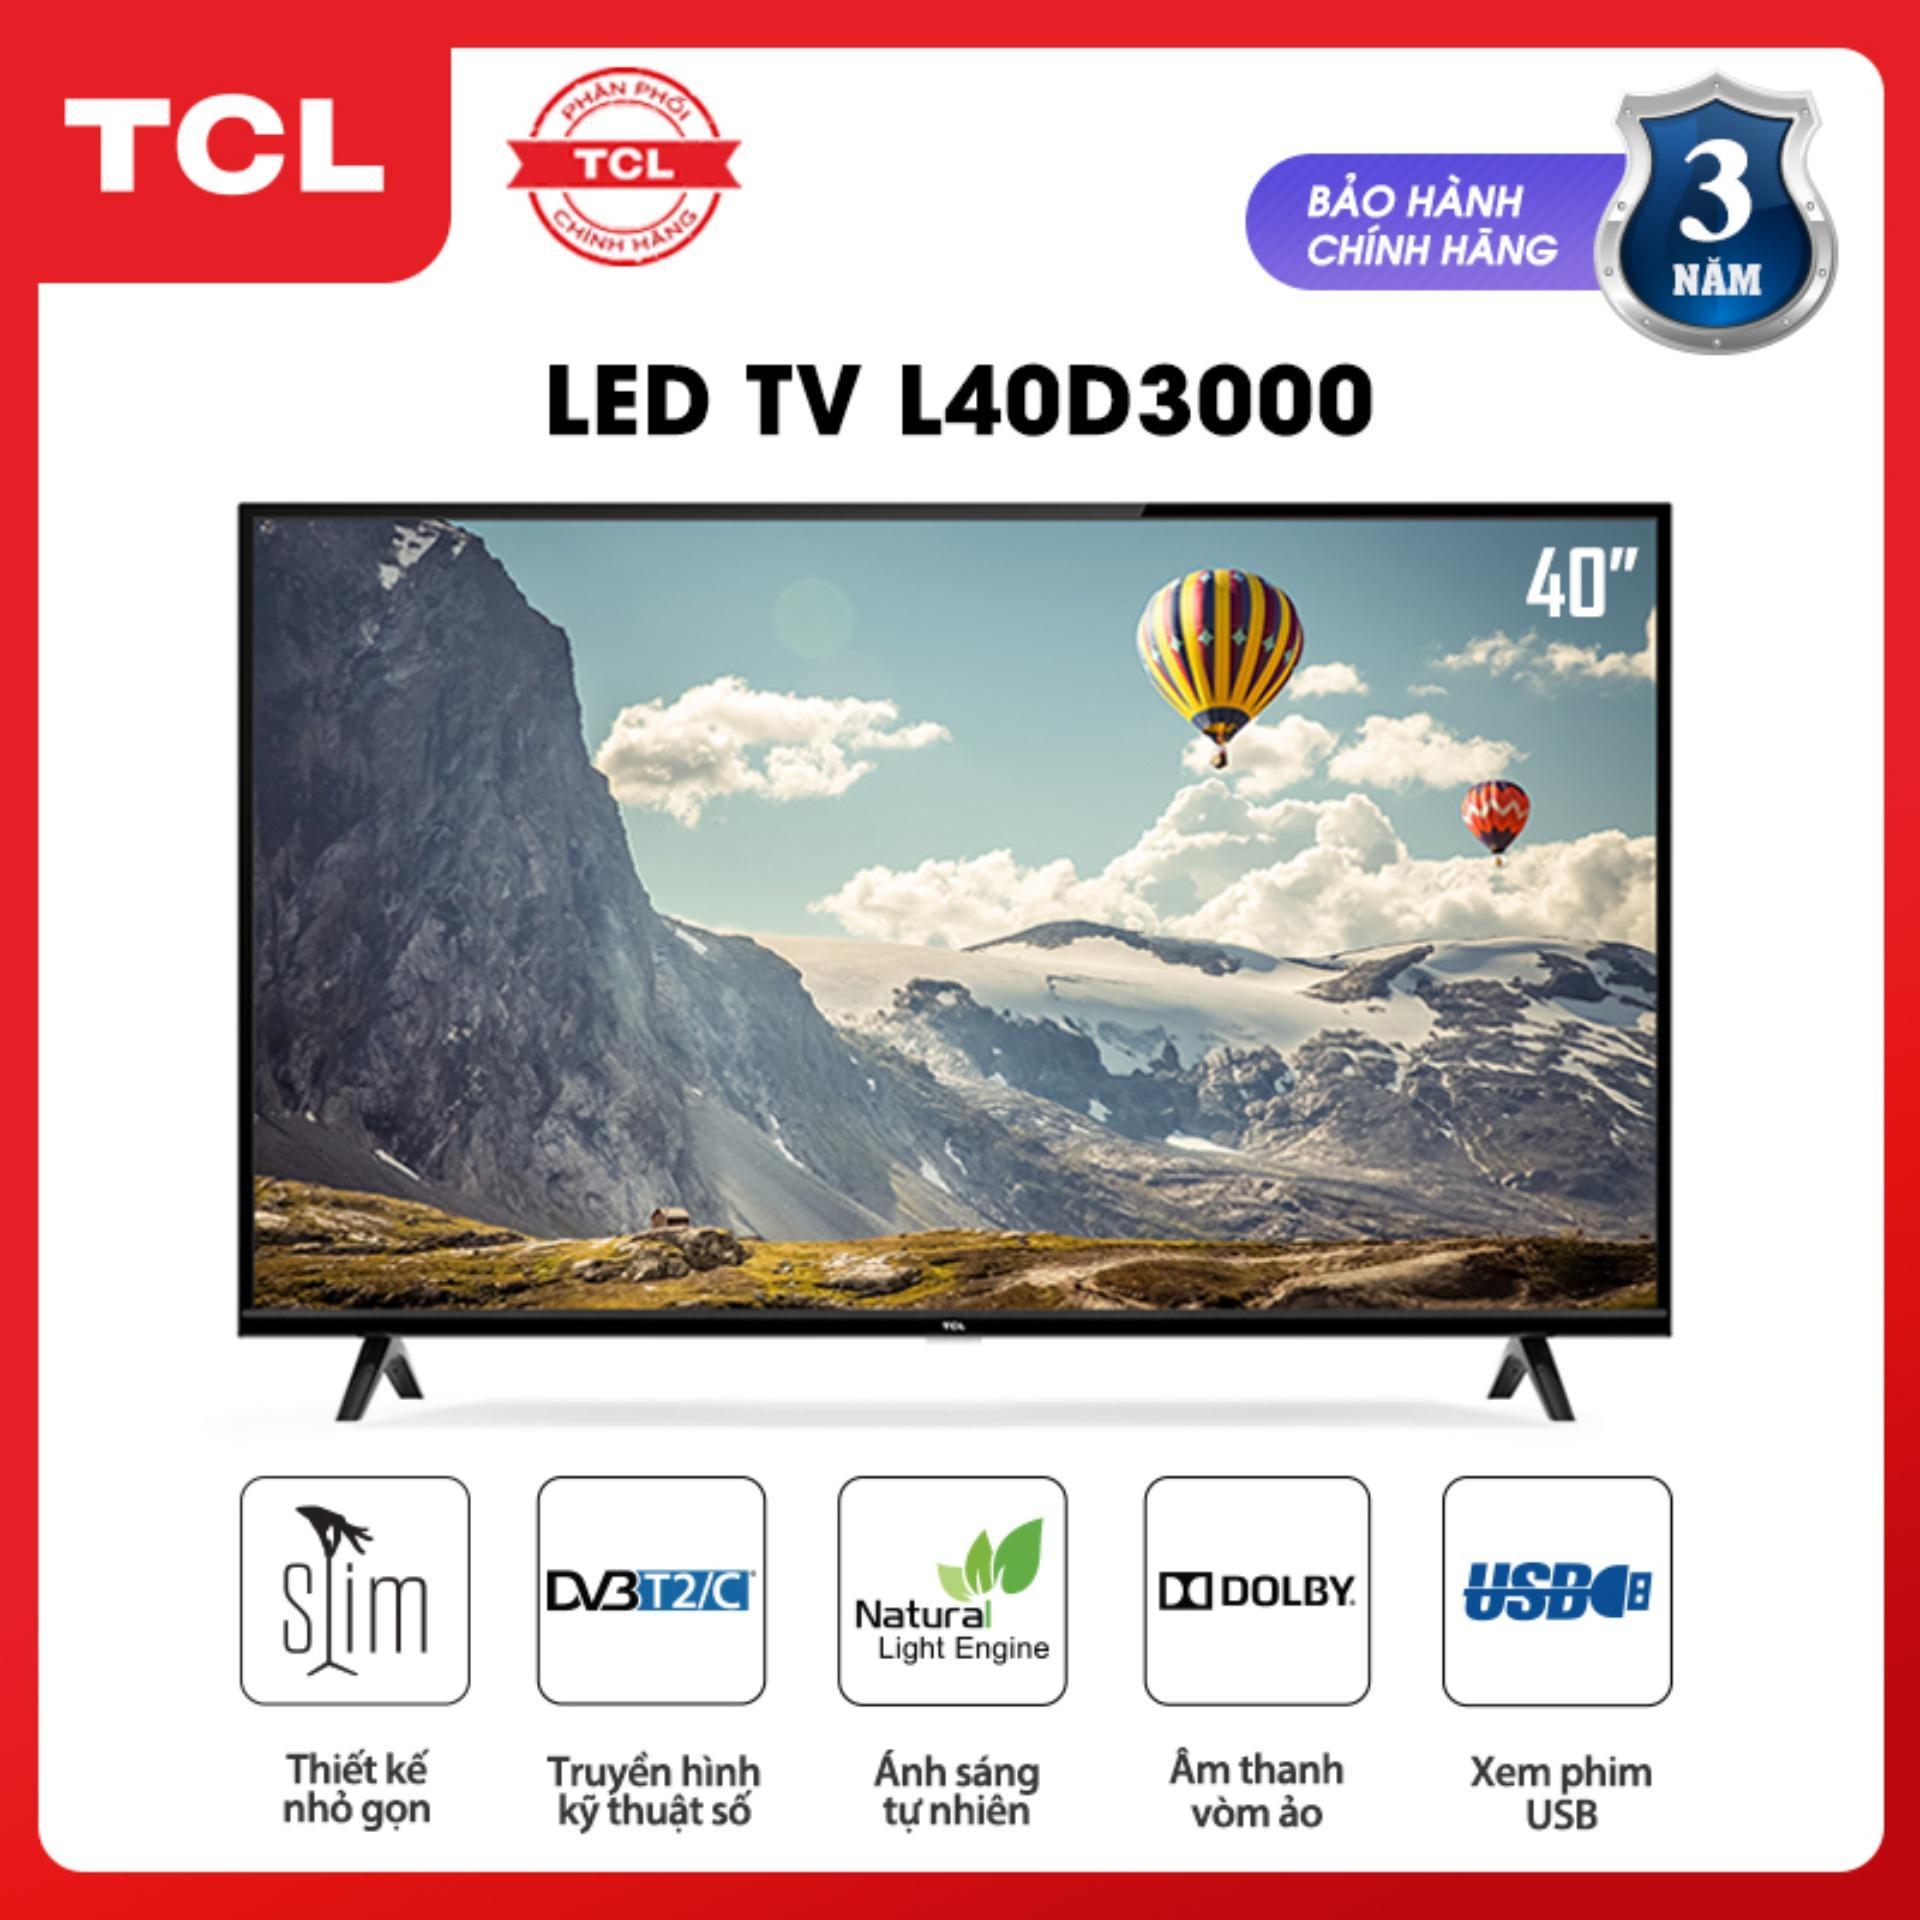 Bảng giá Tivi 40 inch TCL HD - L40D3000 - Dolby, Công nghệ Dynamic, DVB-T2 - Tivi giá rẻ chất lượng - Bảo hành 3 năm